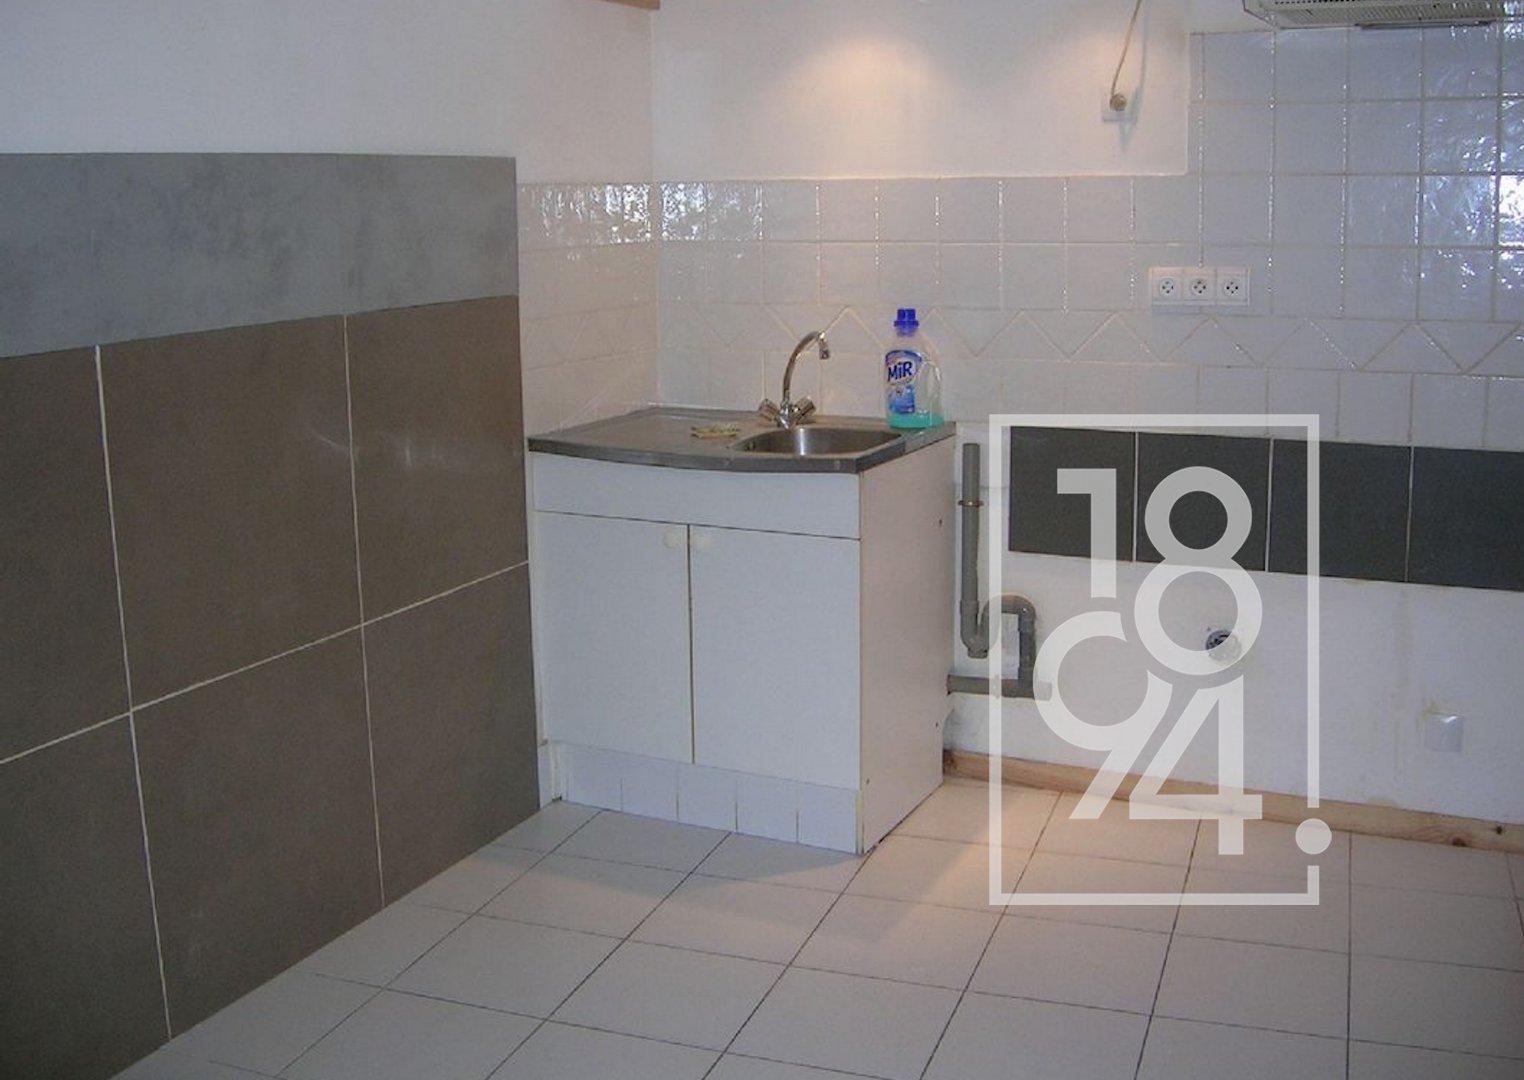 Appartement de type 2 en RDC, 30 m2 au centre de Trets